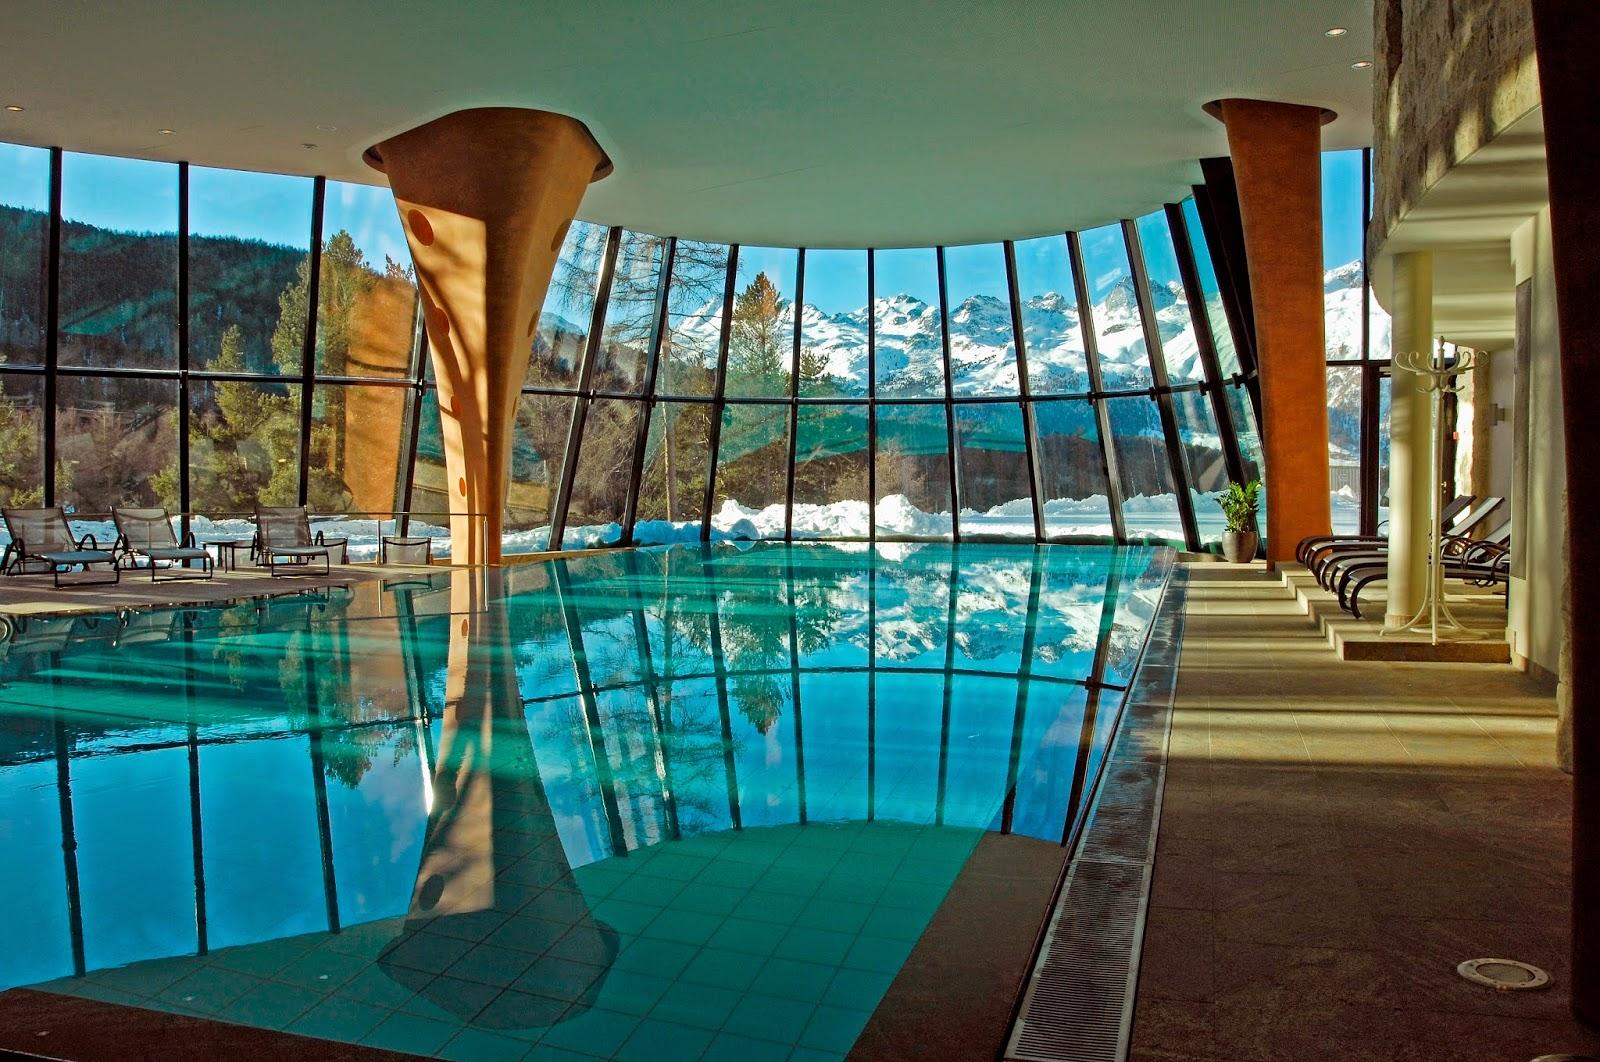 Baño Turco Saint Moritz:Lo mejor: El entorno, la amabilidad de todo el personal, el spa